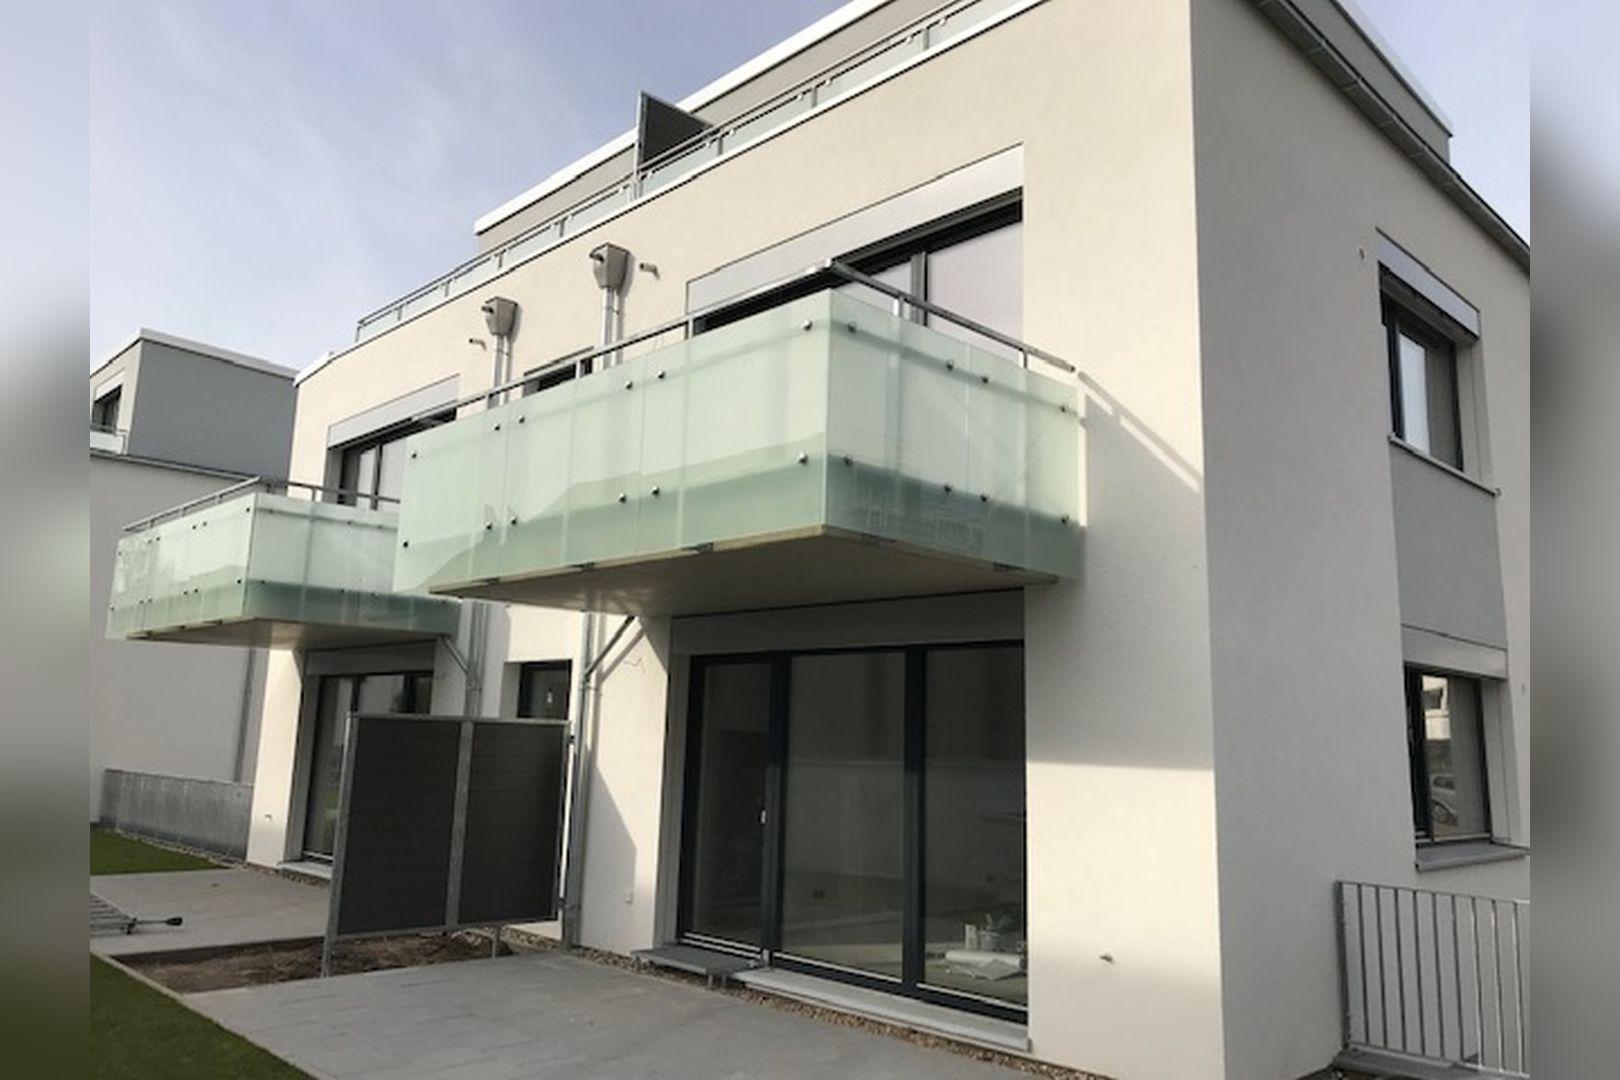 Immobilie Nr.BÖ-01.1 - BÖ-01.1; Maisonette Wohnung über EG und Sout., Garten u. Terrasse - Bild 10.jpg